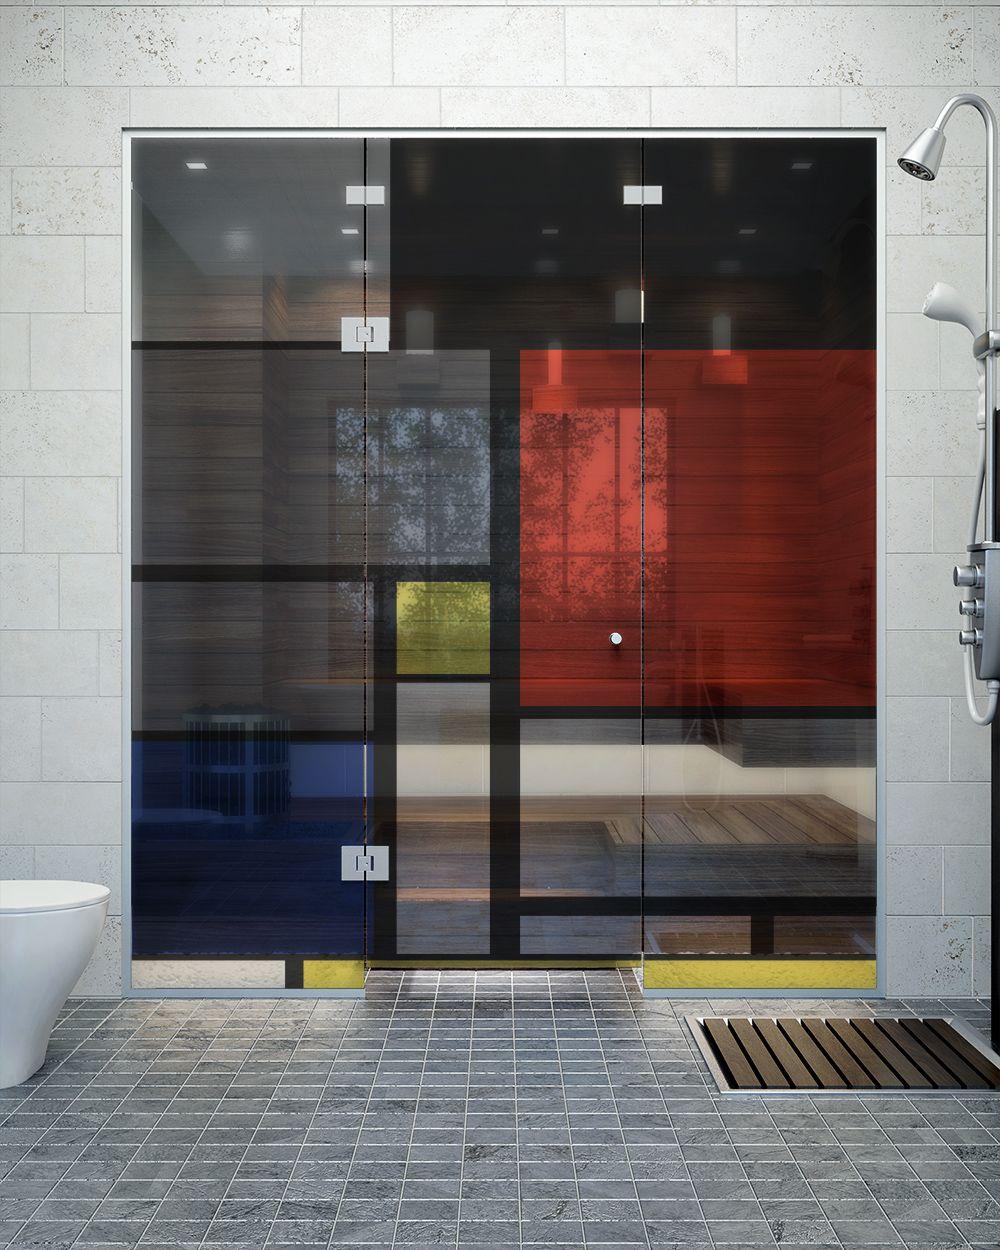 14个分隔空间的办法in 2020 Glass Printing Internal Design Glass